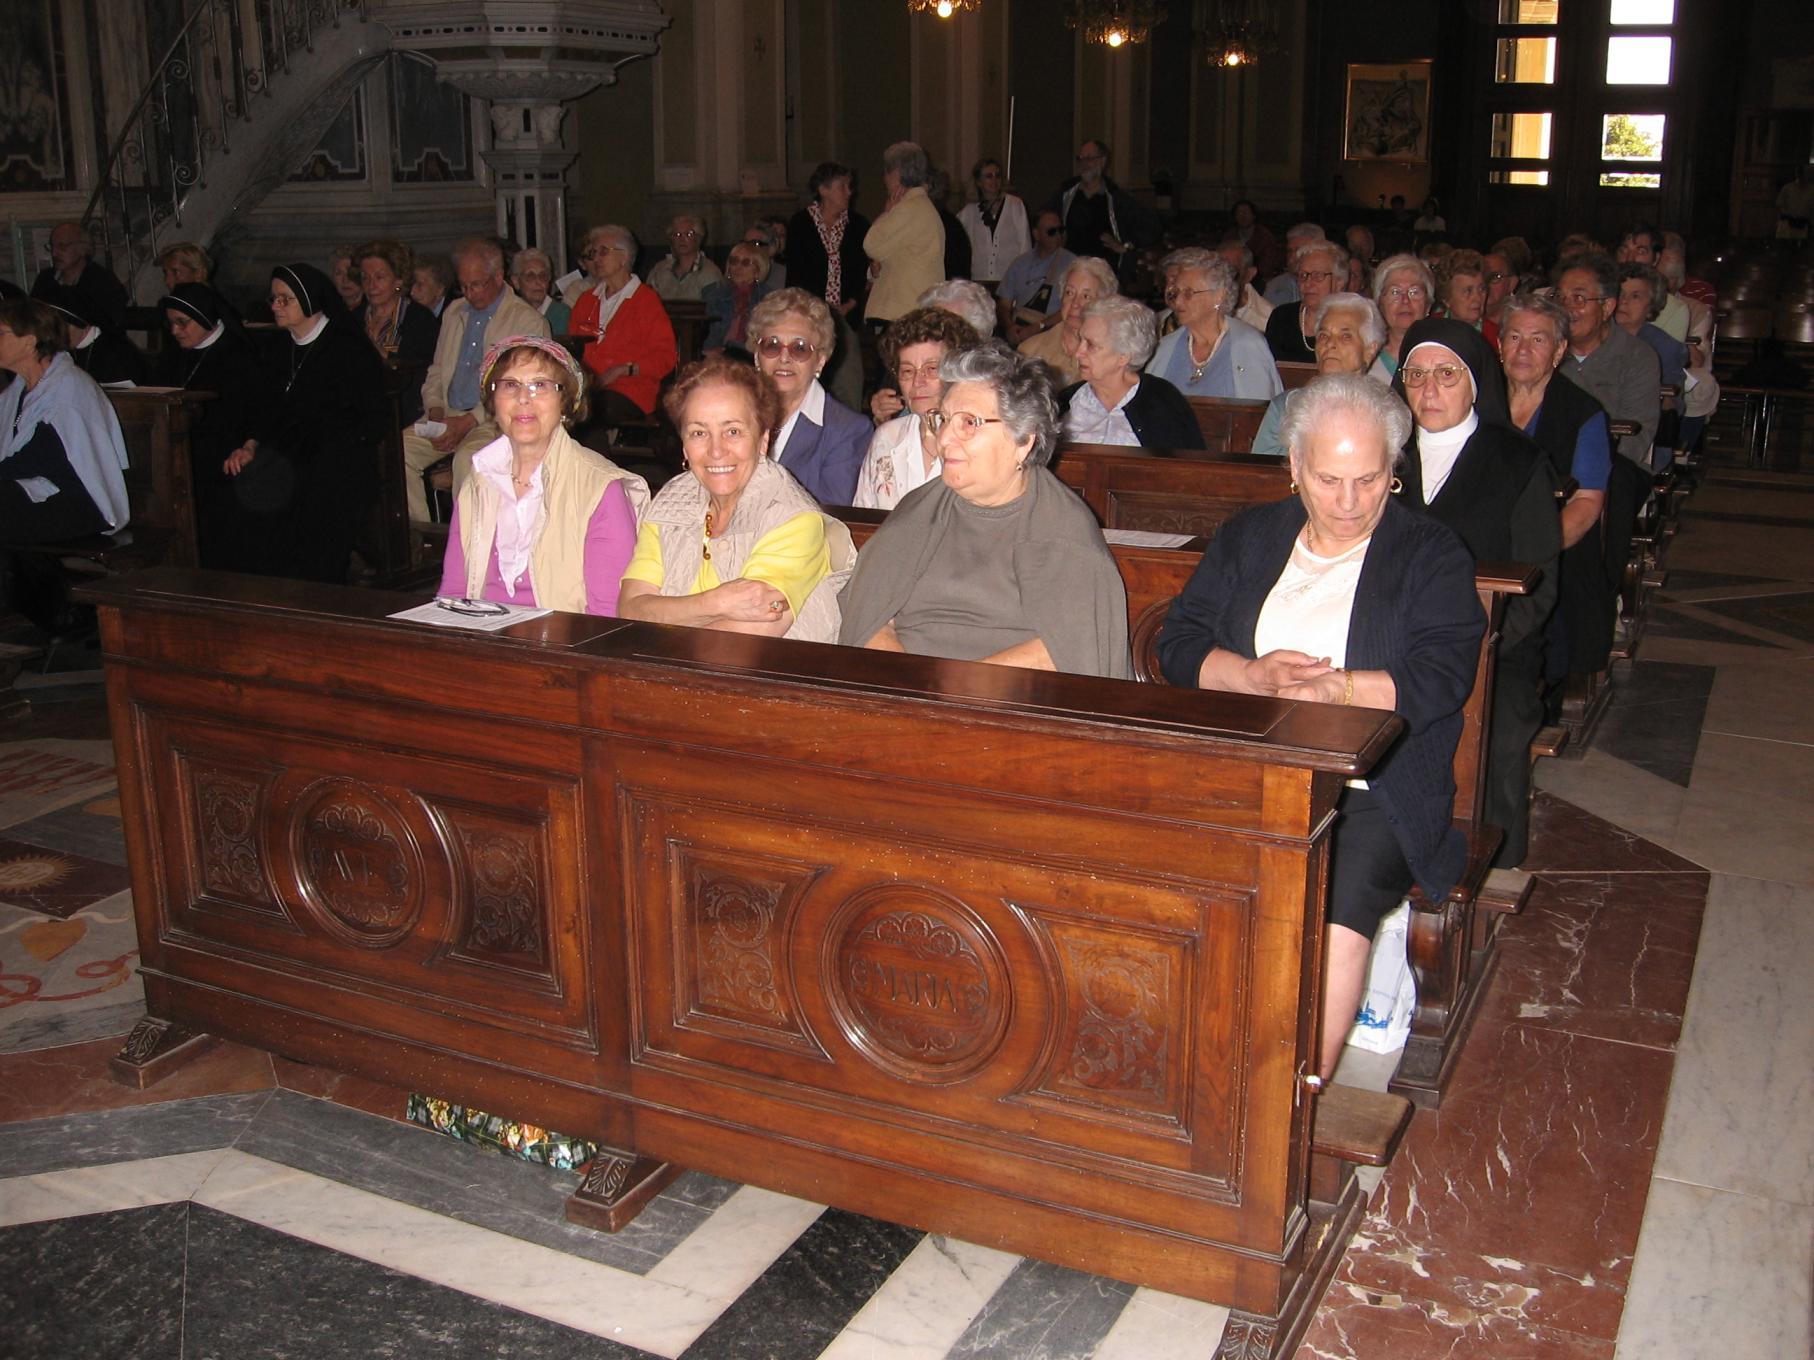 Pellegrinaggio_Vicariale_Guardia-2009-06-20--15.21.30